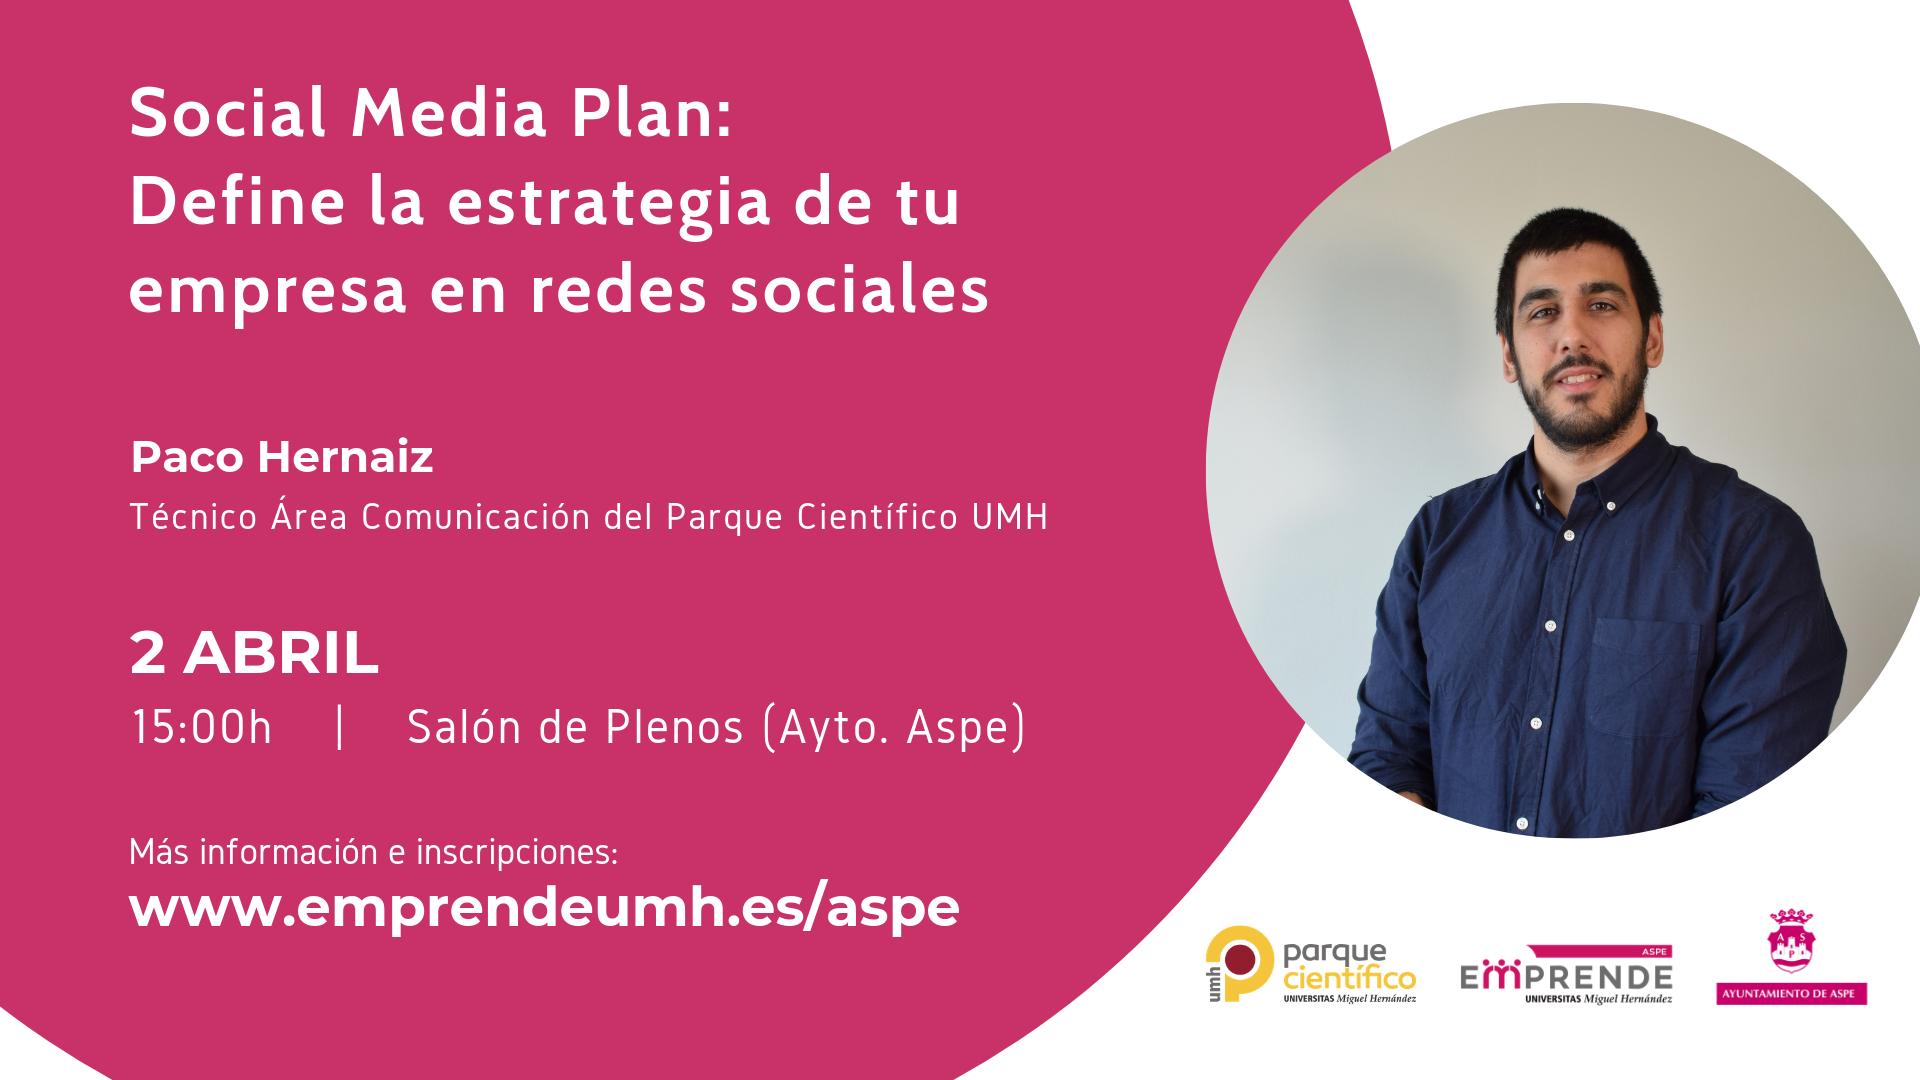 Social Media Plan: Define la estrategia de tu empresa en redes sociales